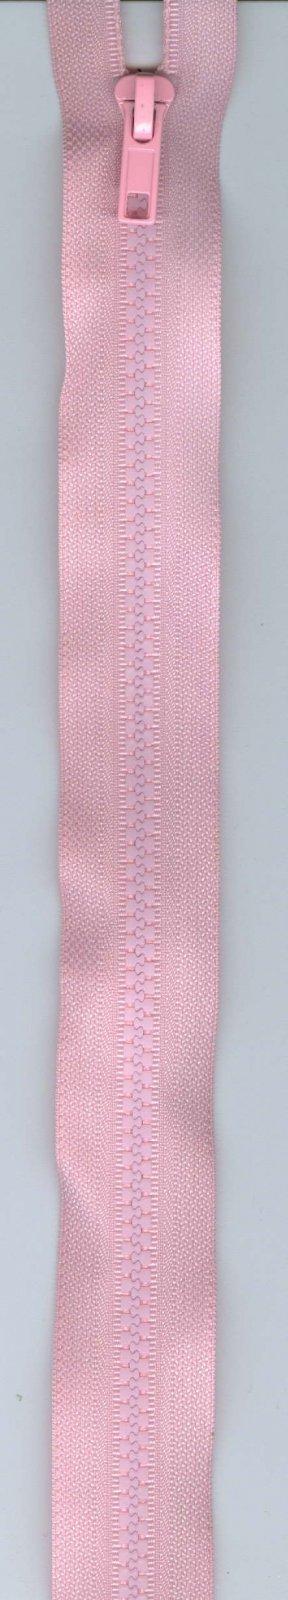 24 Separating Zipper #5 - Light Pink